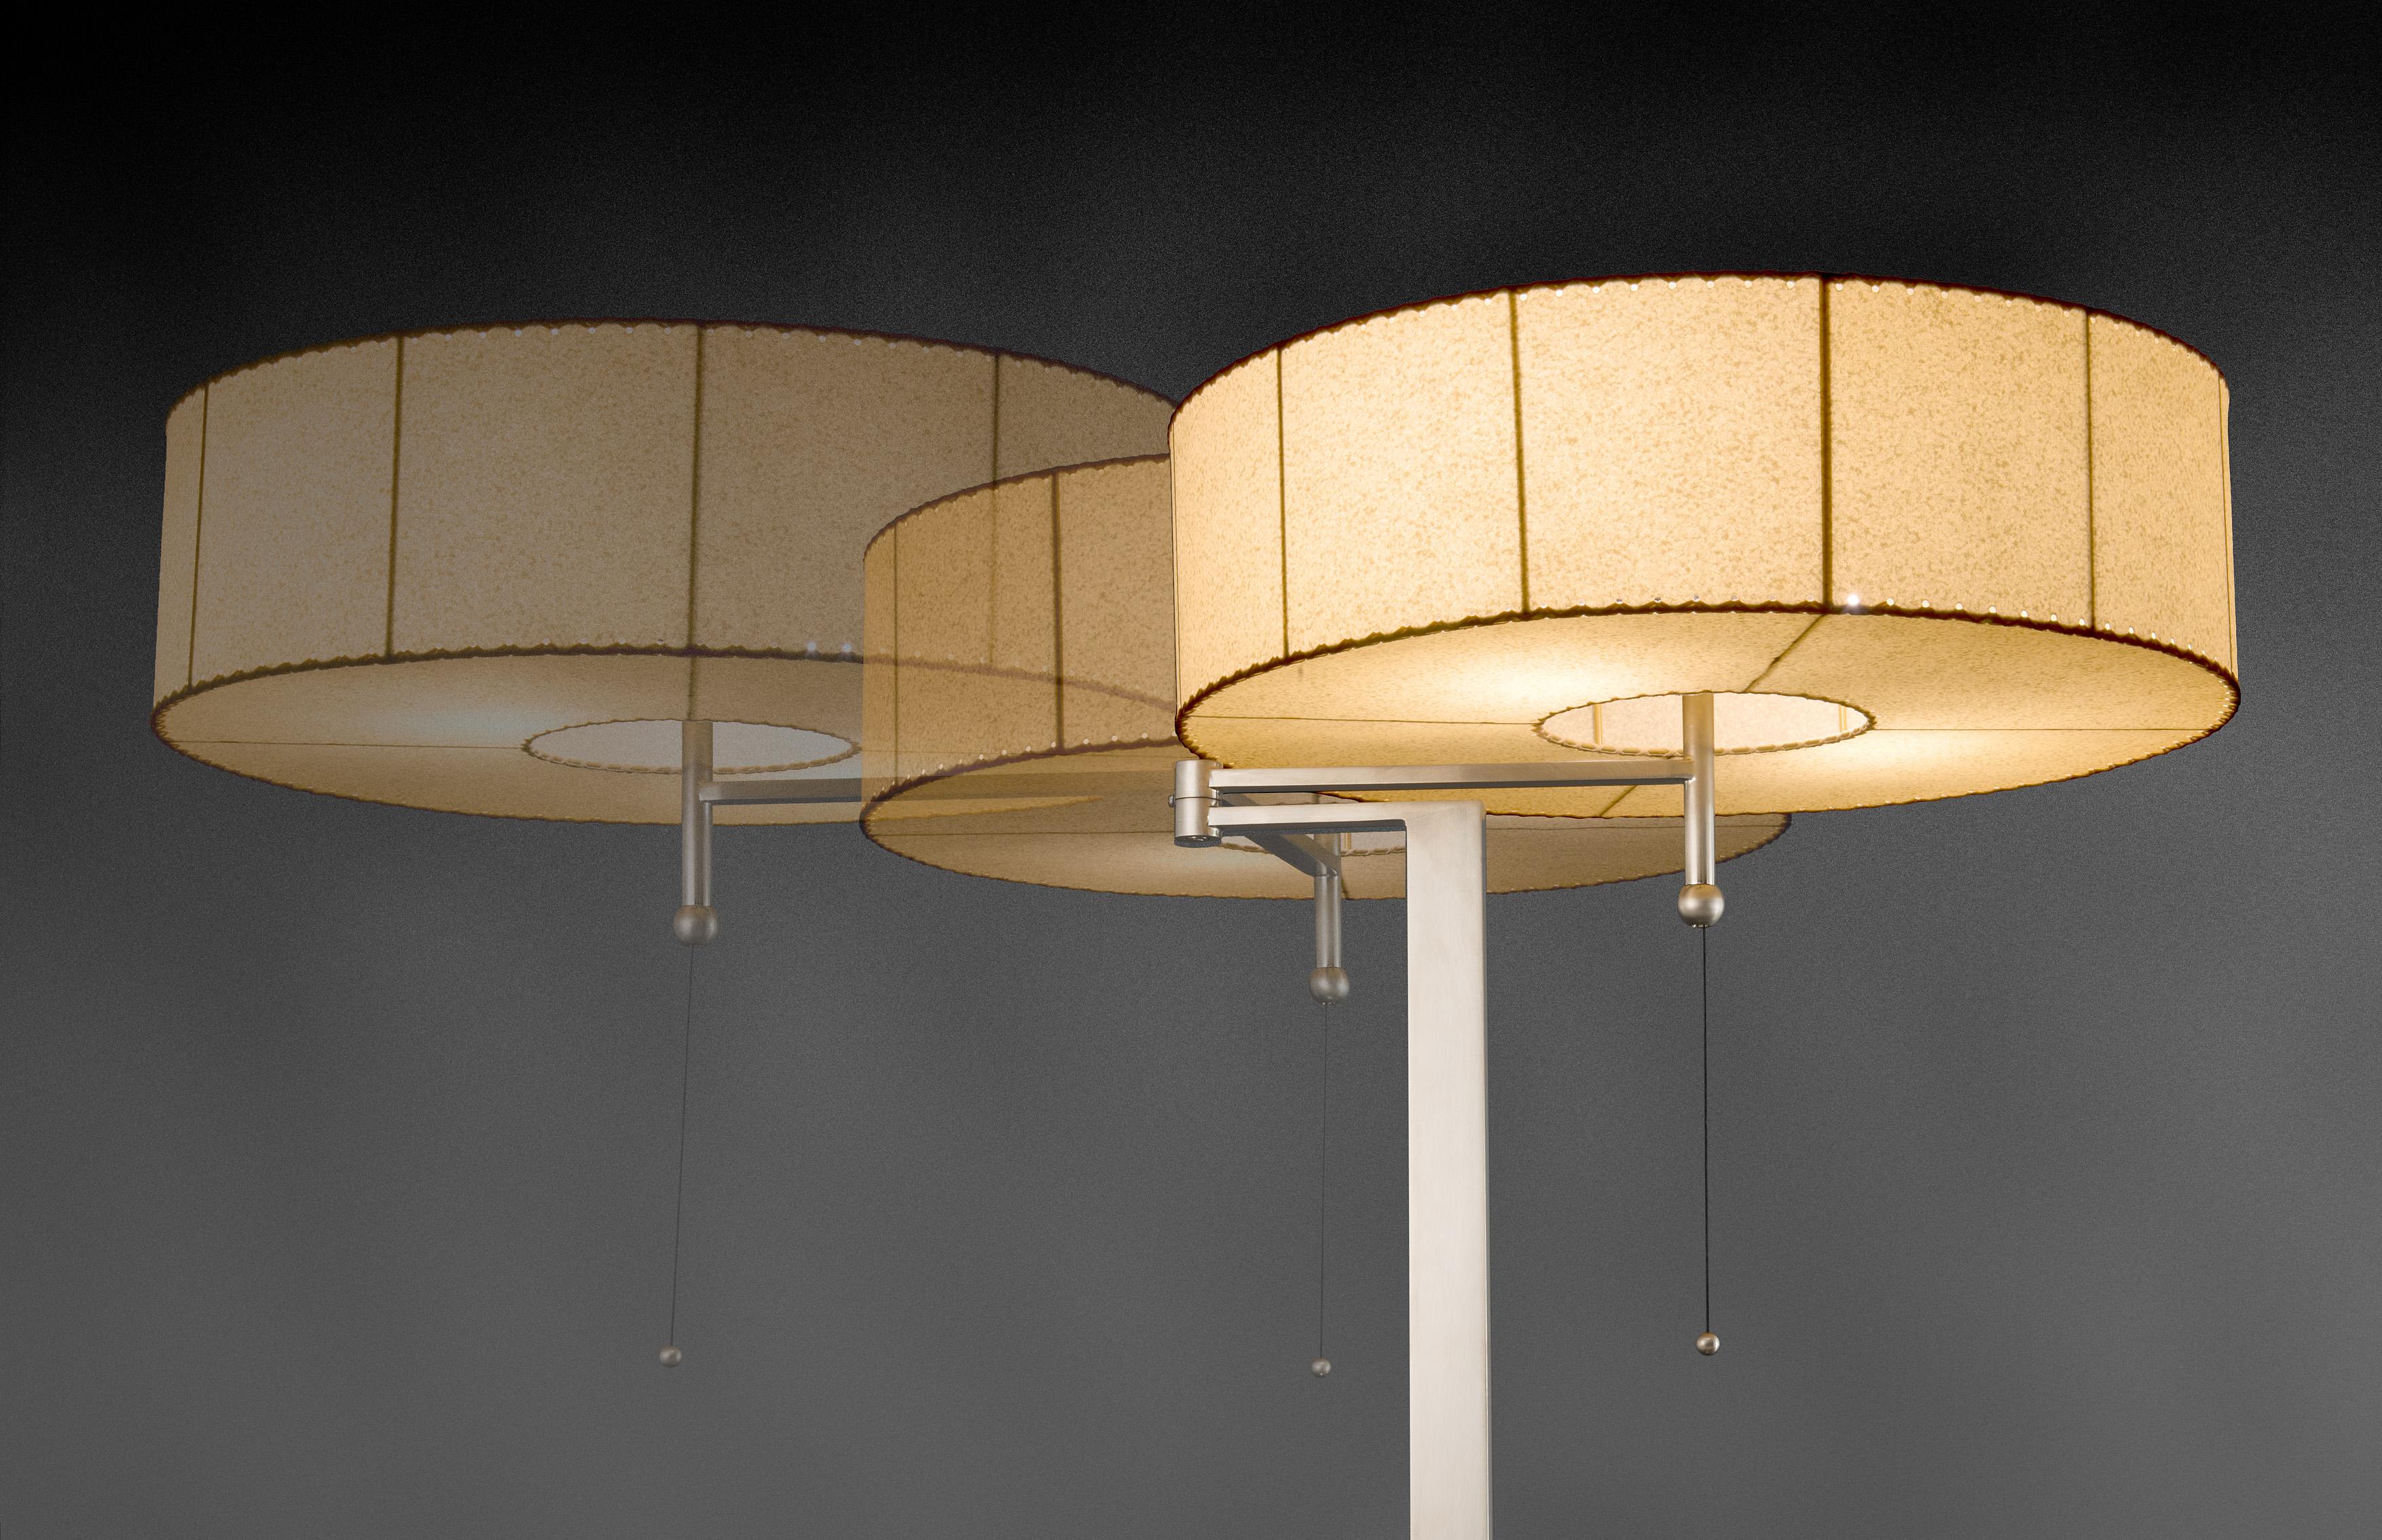 Vellum lamp